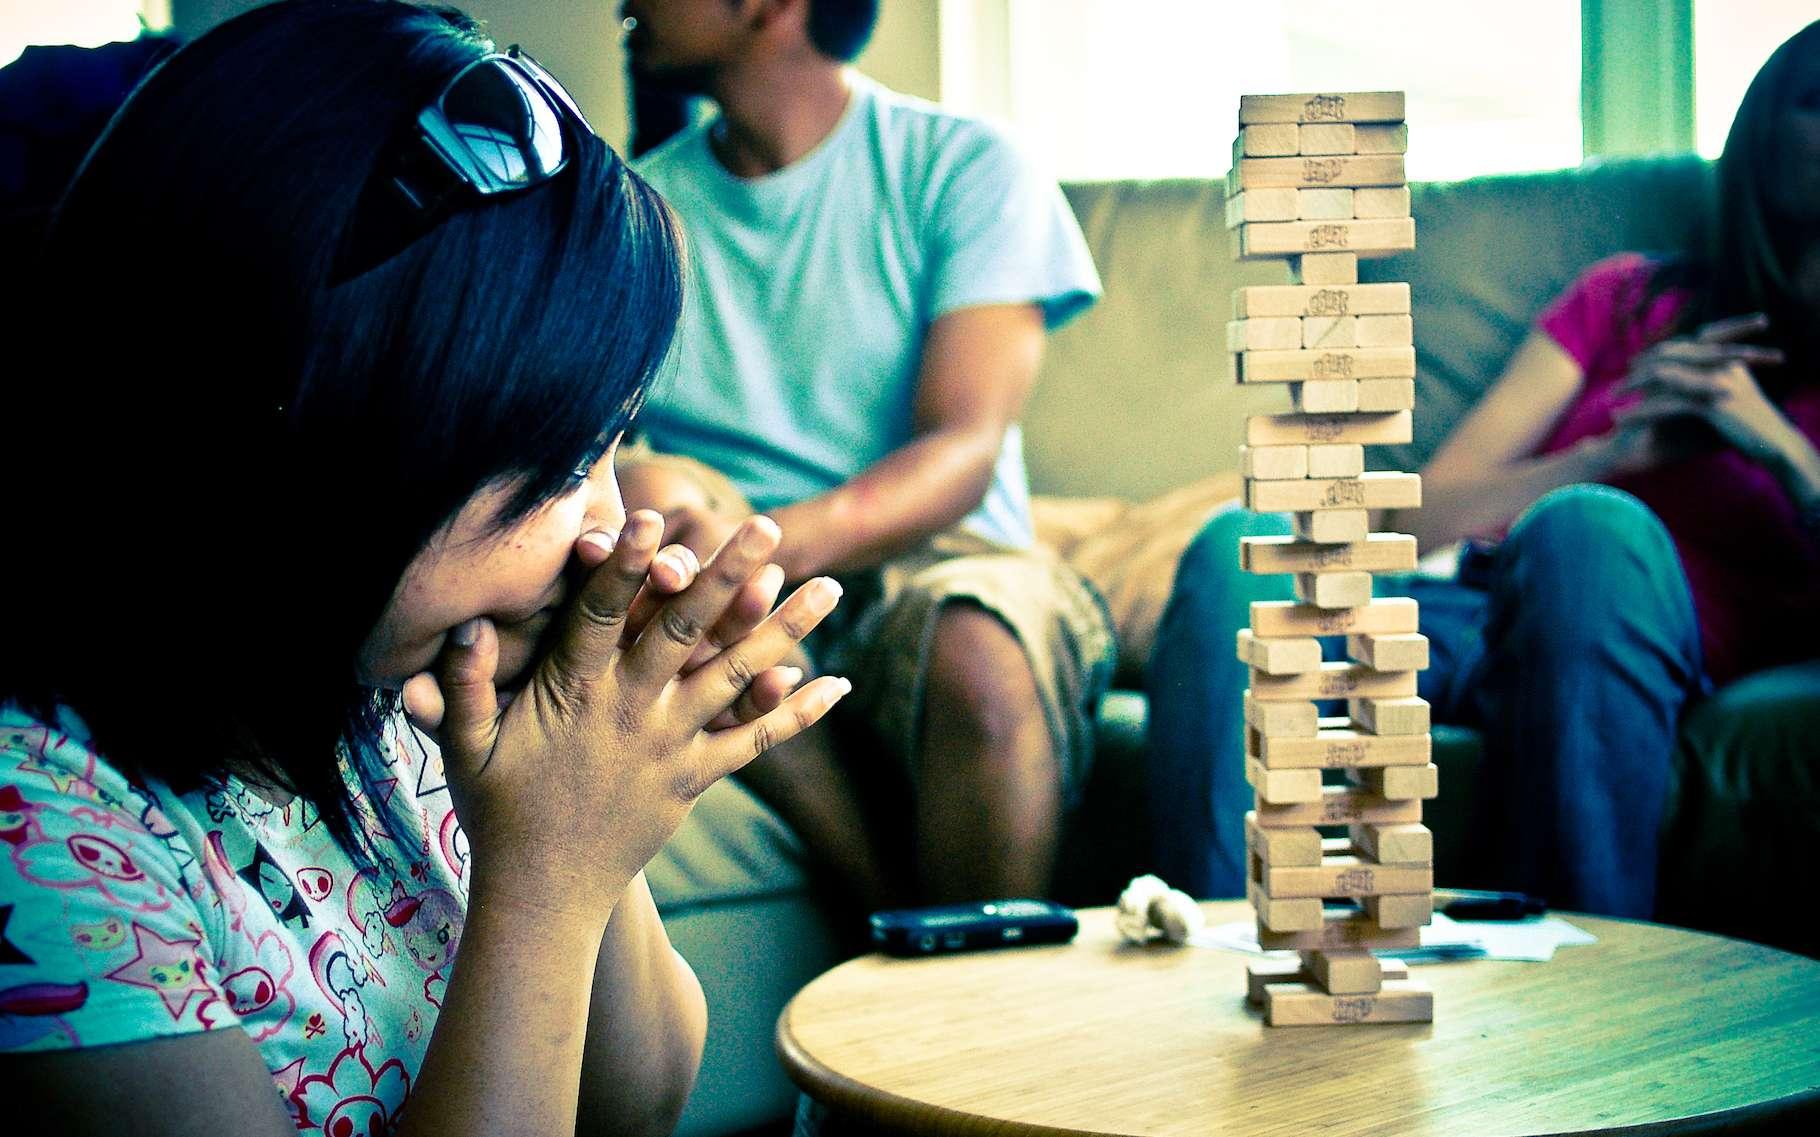 Une équipe internationale de chercheurs révèle de nouvelles informations sur le processus qui mène une structure en bois à la rupture lorsqu'elle est attaquée de toutes parts. De quoi mieux comprendre le phénomène physique de percolation. © Jill Encarnacion, Flickr, CC by-nc-nd 2.0